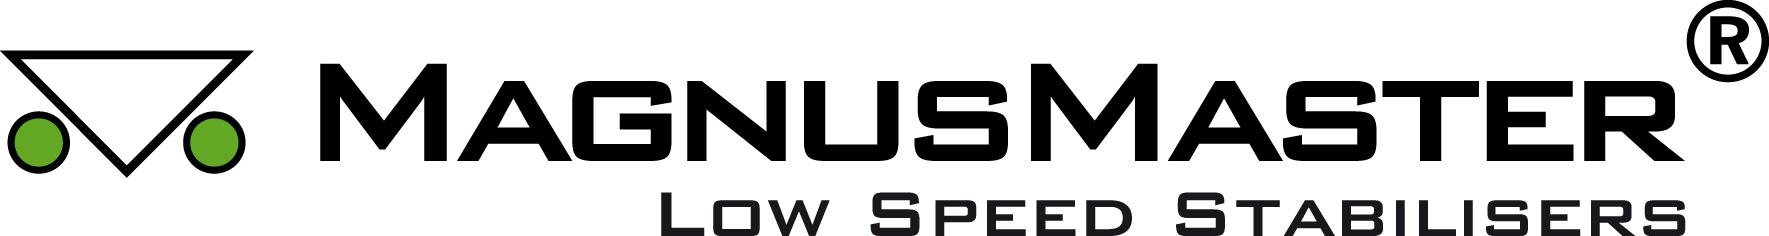 MagnusMaster logo